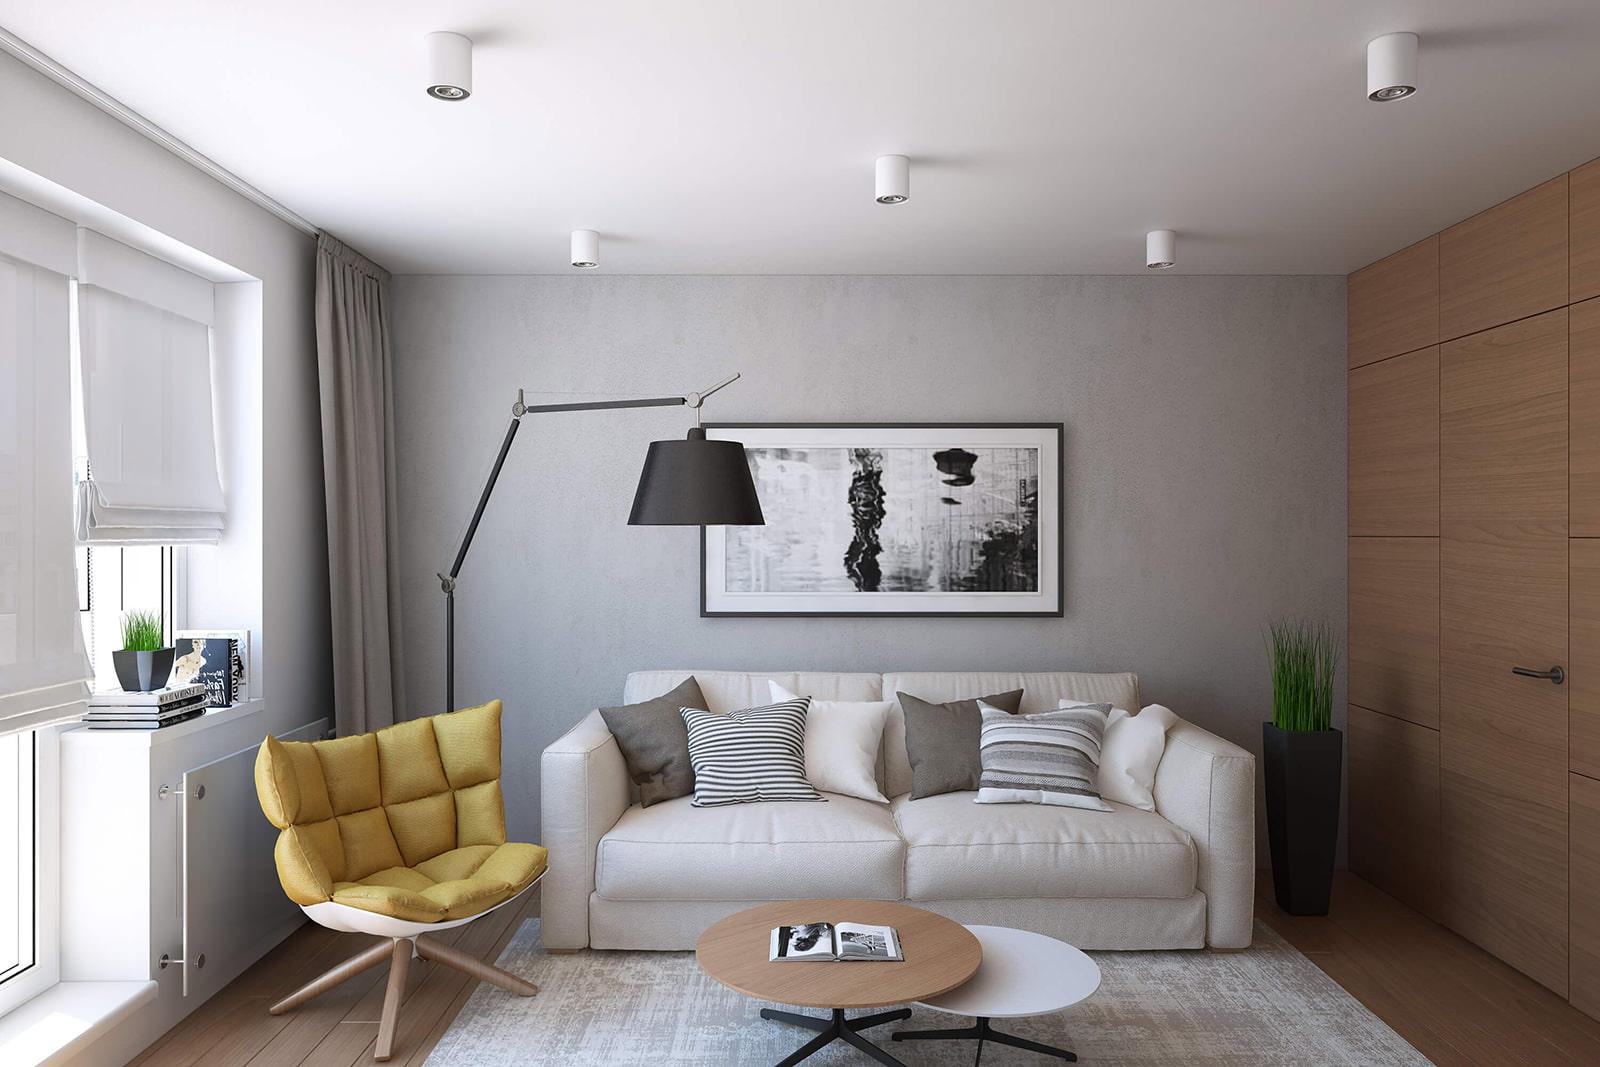 Дизайн студия 14 кв м дизайн фото